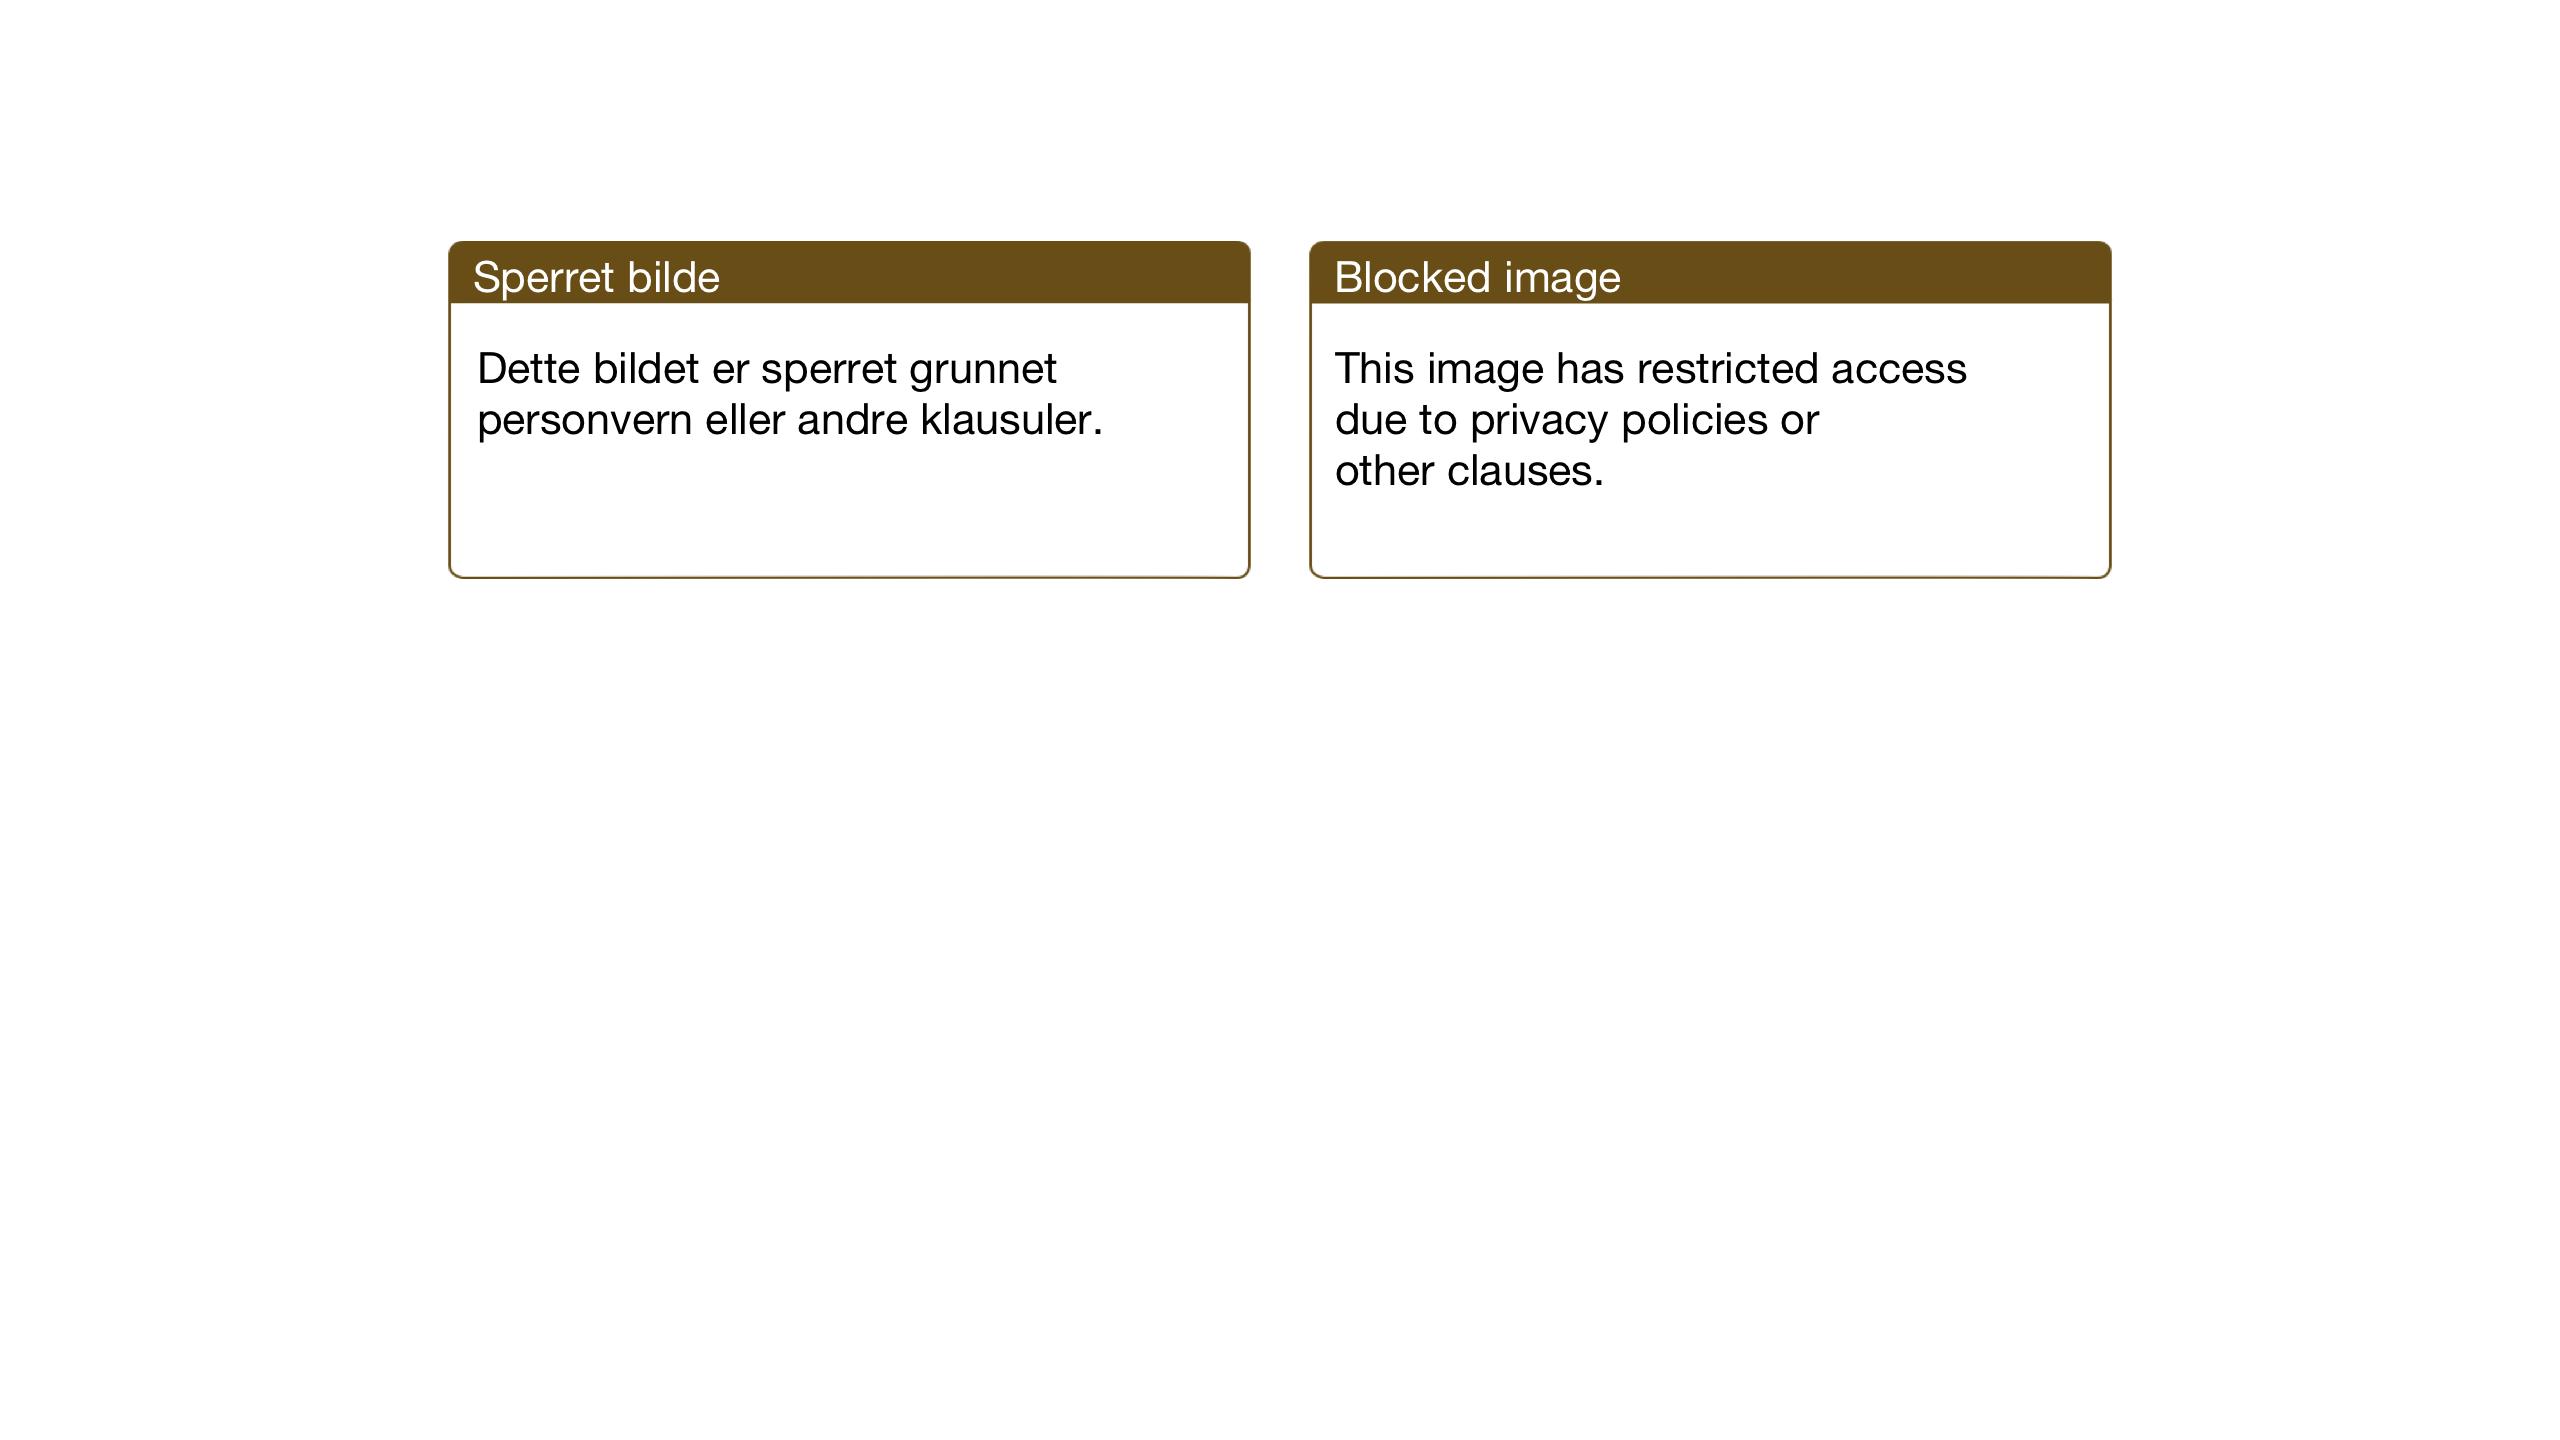 SAT, Ministerialprotokoller, klokkerbøker og fødselsregistre - Sør-Trøndelag, 693/L1124: Klokkerbok nr. 693C05, 1911-1941, s. 58